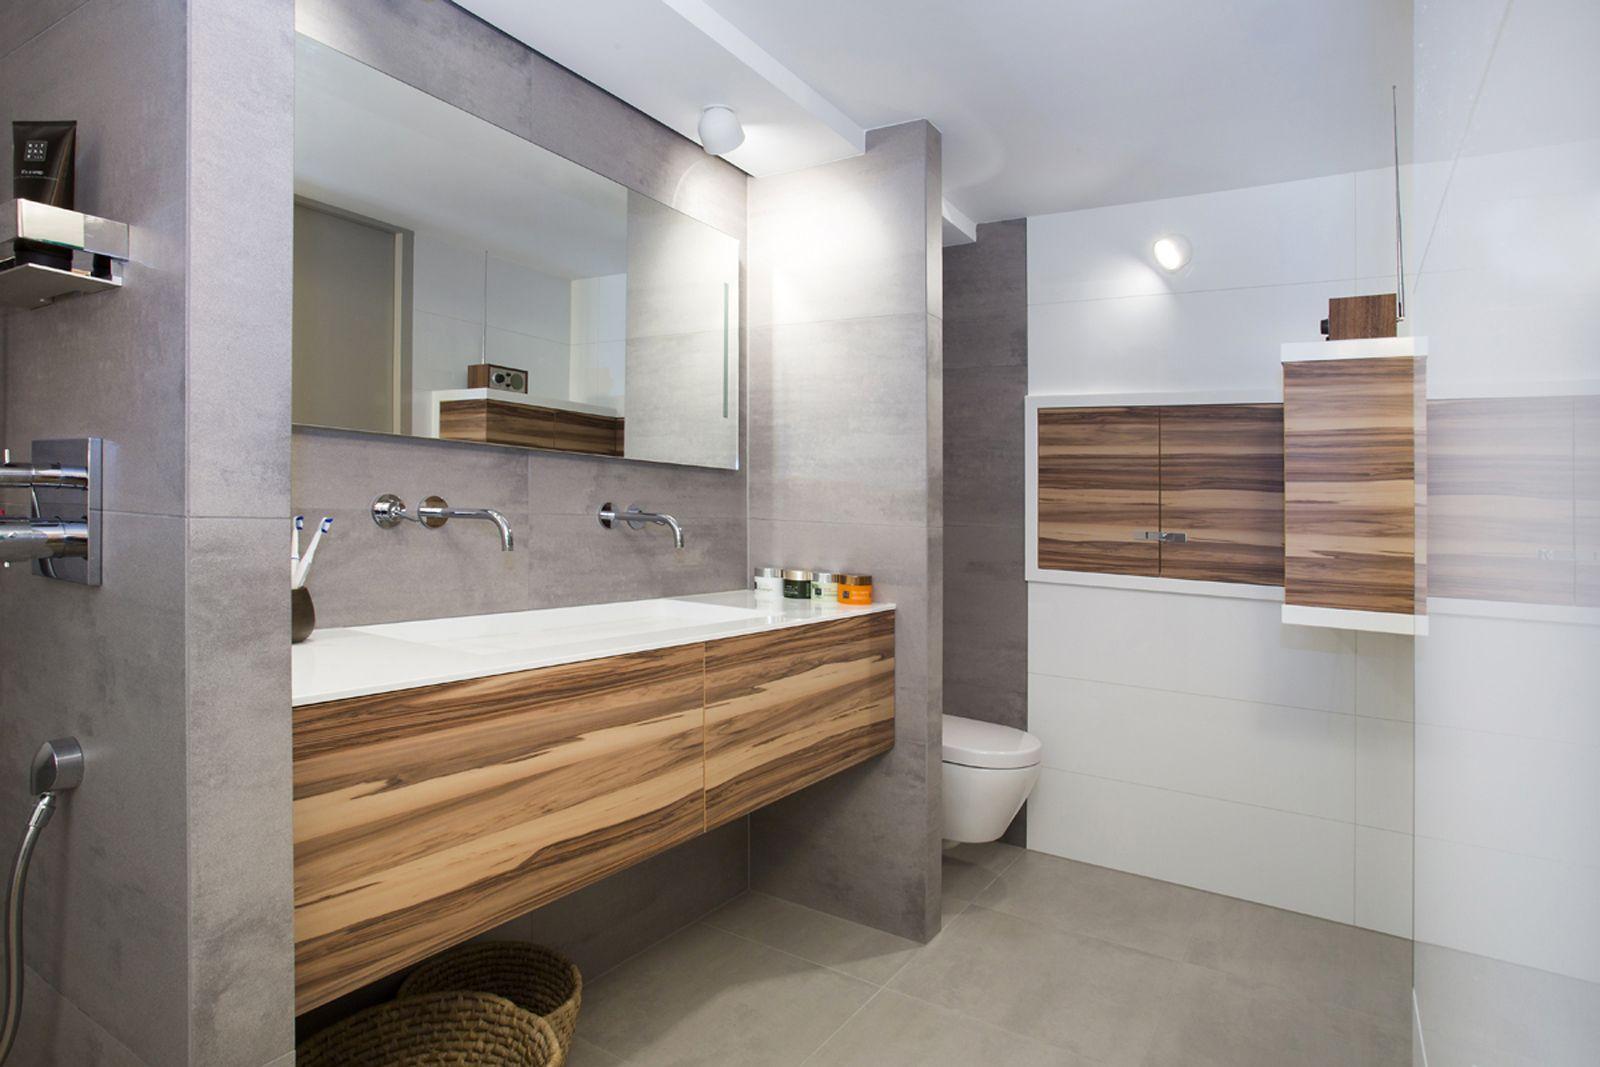 Badkamer Hout Natuursteen : De kleur van het hout gecombineerd met de prachtige natuurstenen